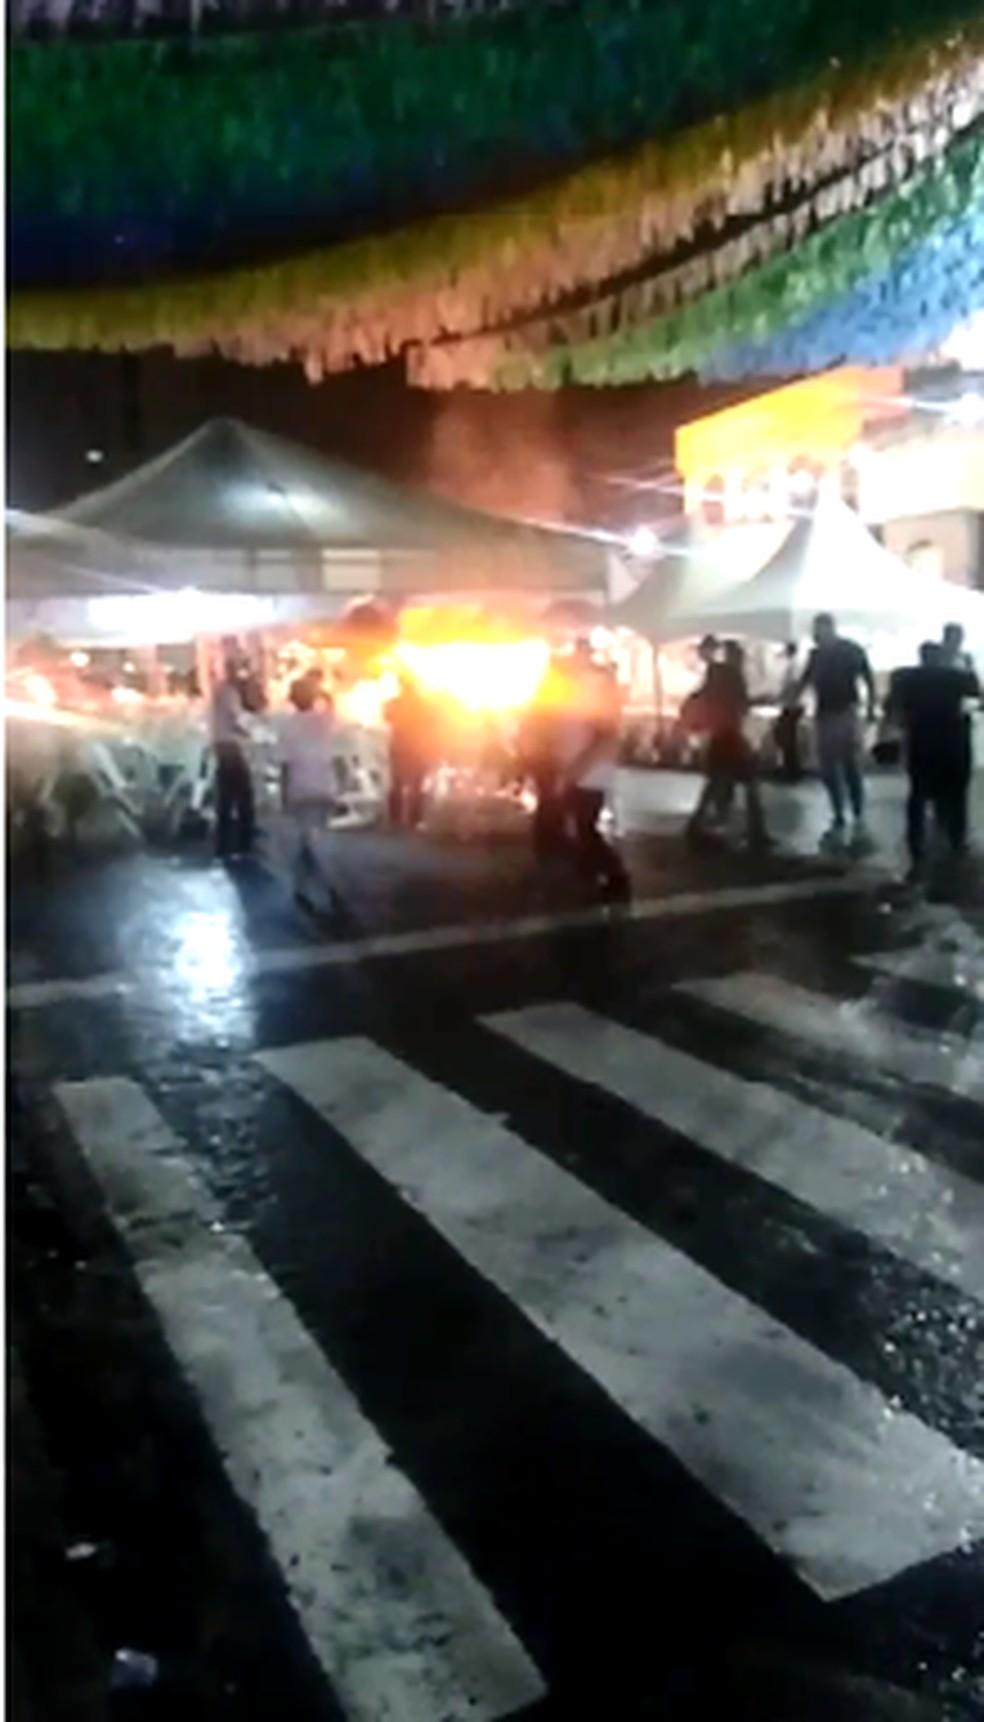 Incêndio atingiu barraca de comidas em festa de São João em Natal — Foto: Reprodução/Redes Sociais